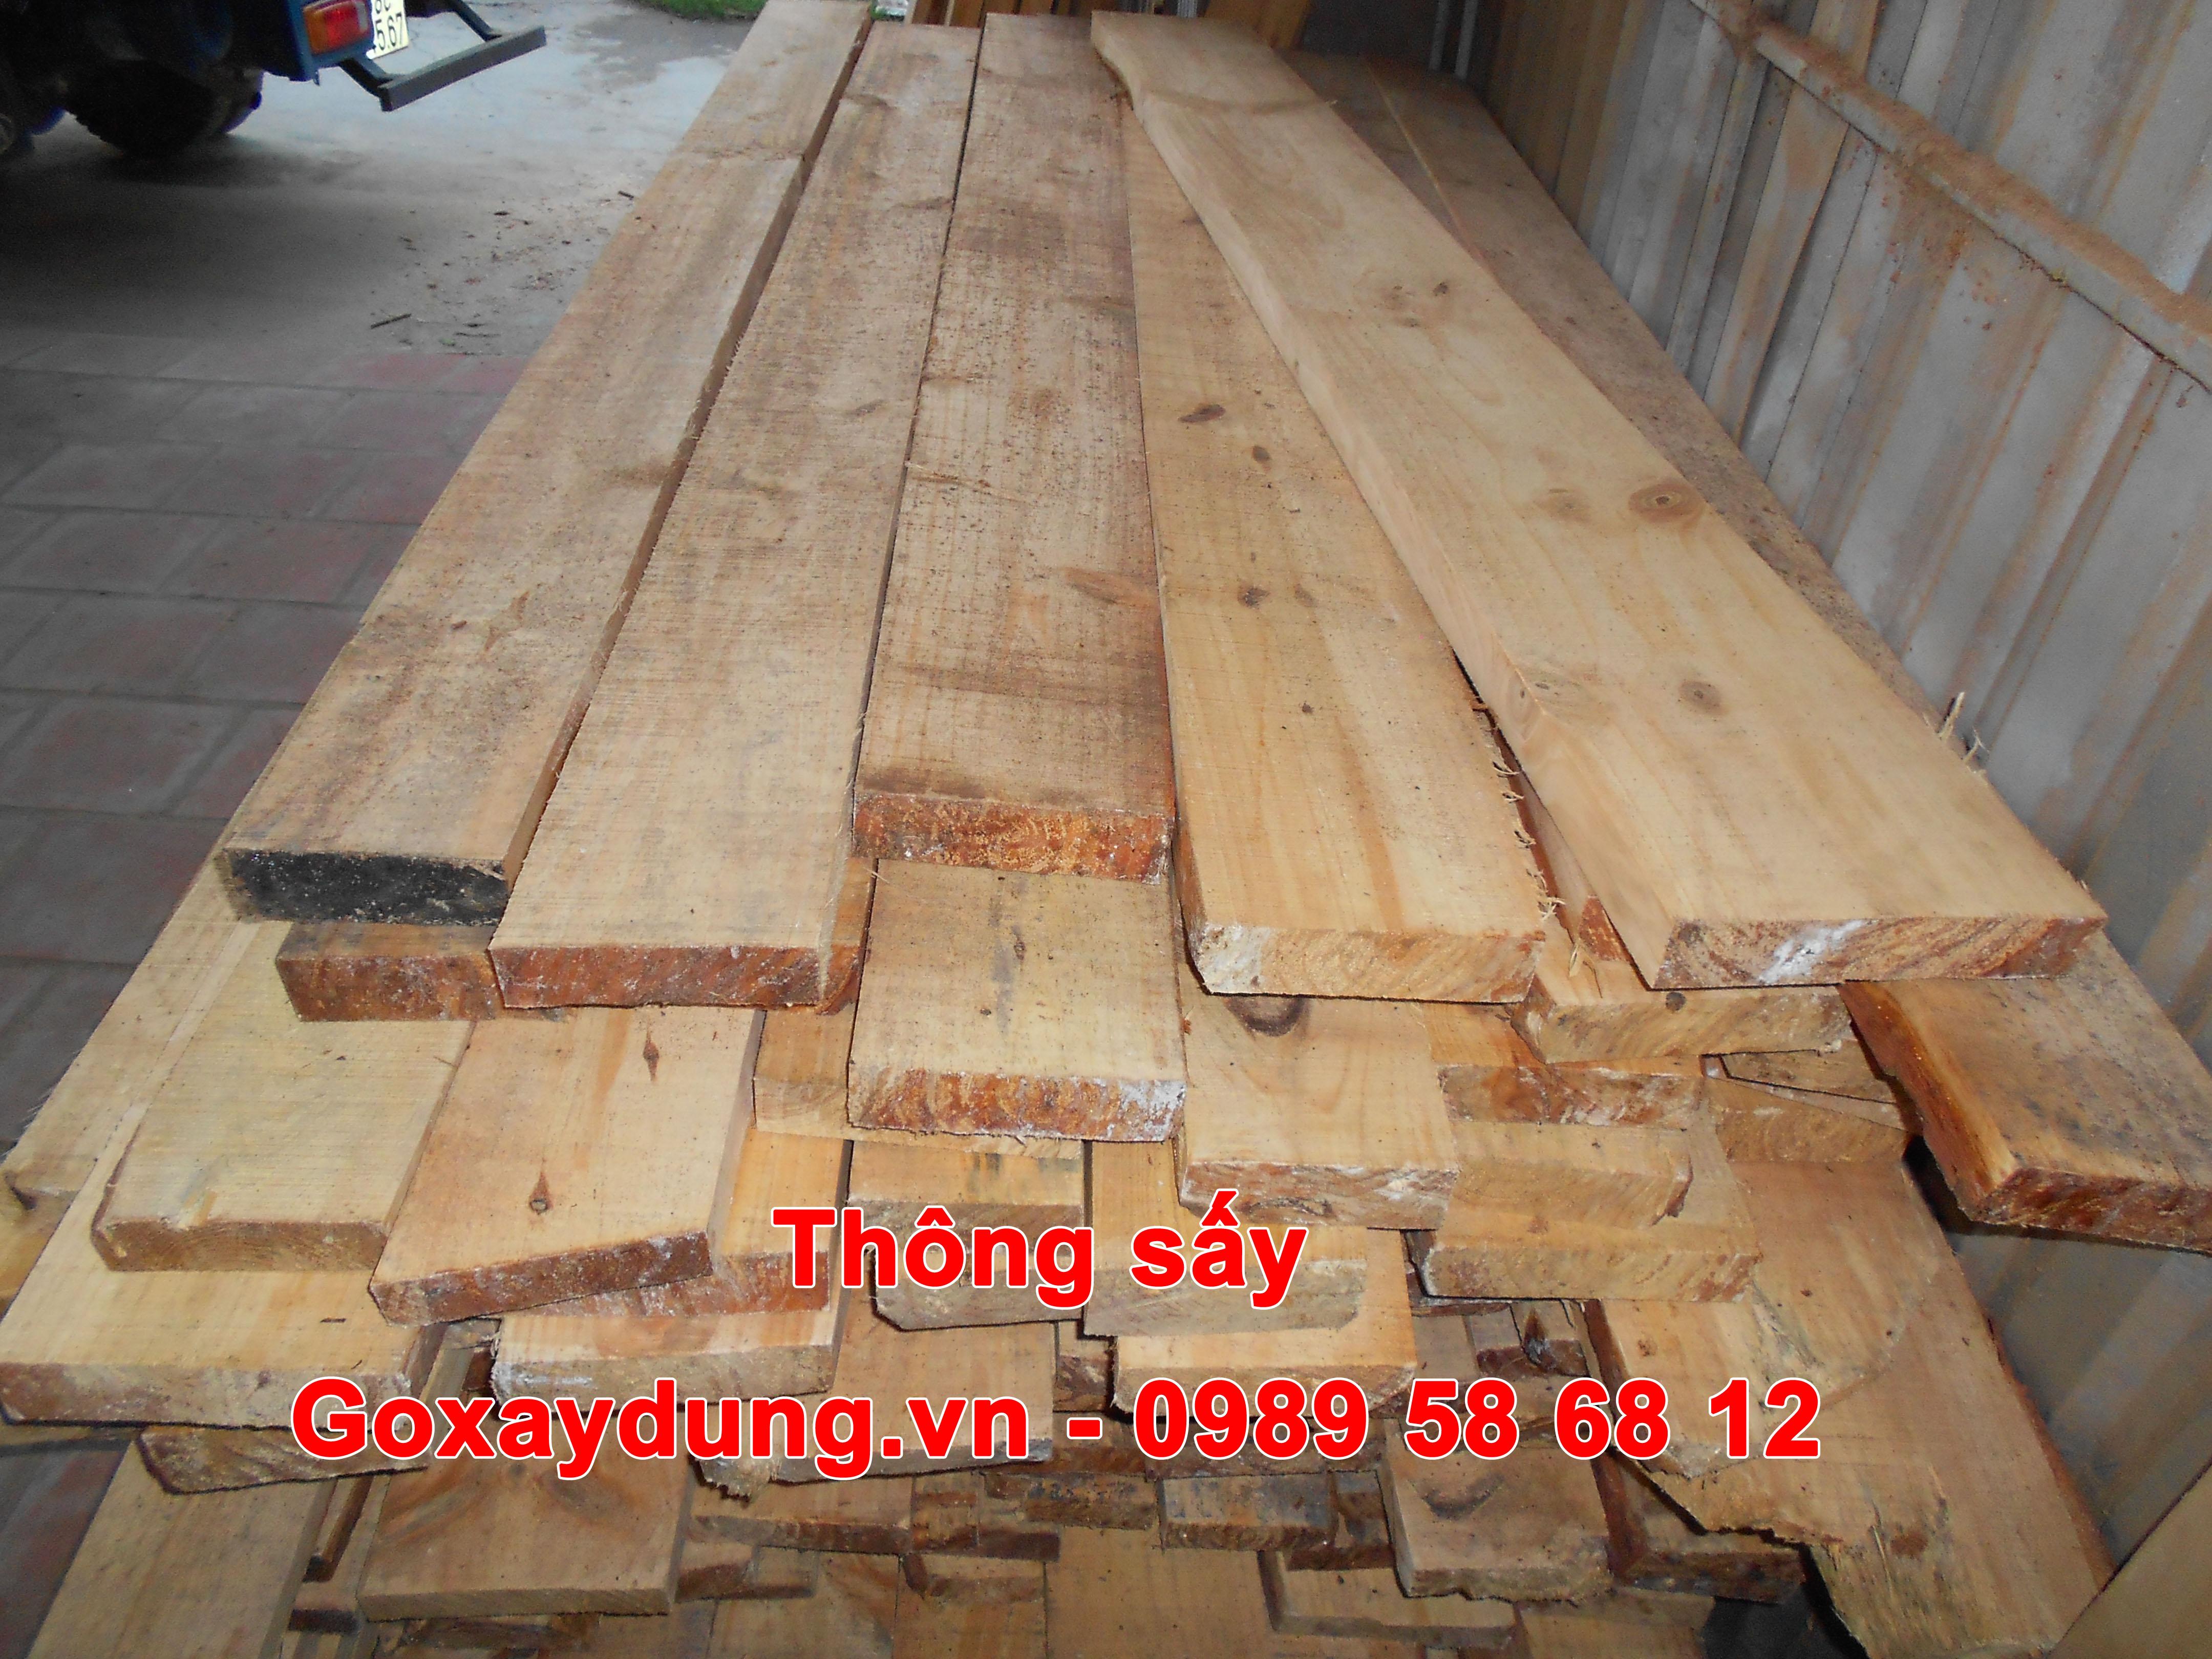 go-thong-say-4-goxaydung.jpg